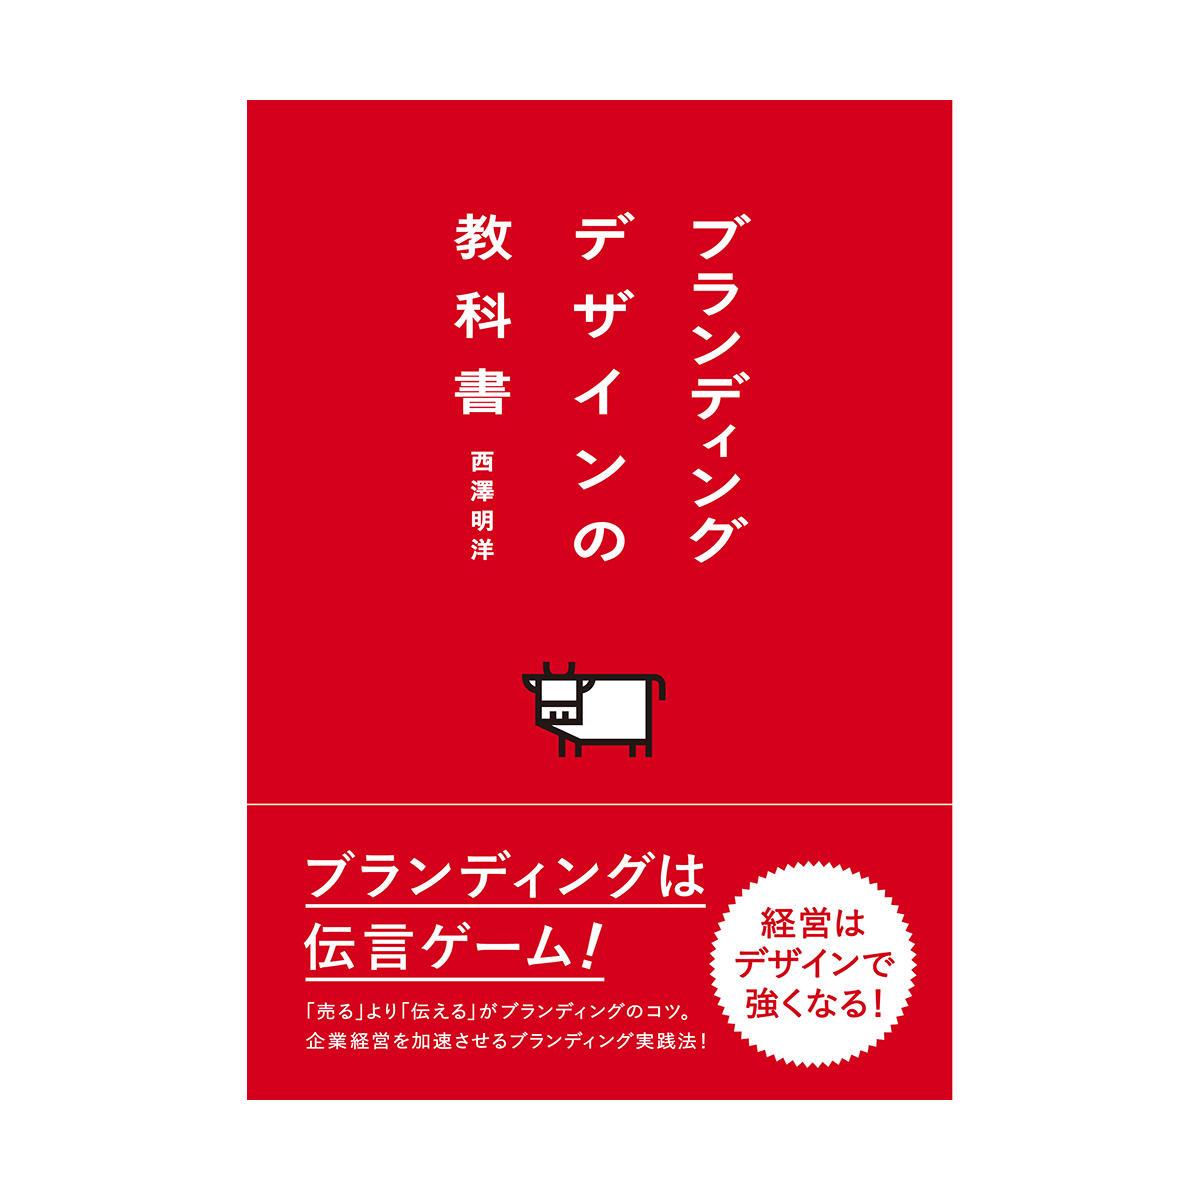 企業経営を加速させるブランディング実践法『ブランディングデザインの教科書』